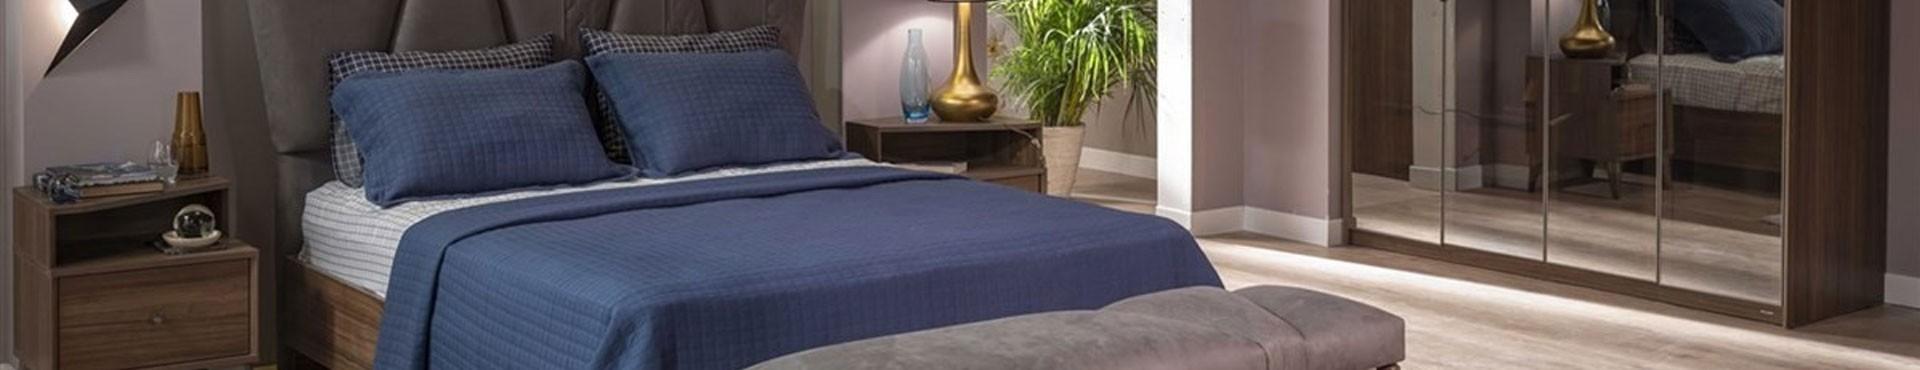 Dormitor | Mobila de calitate Bellona